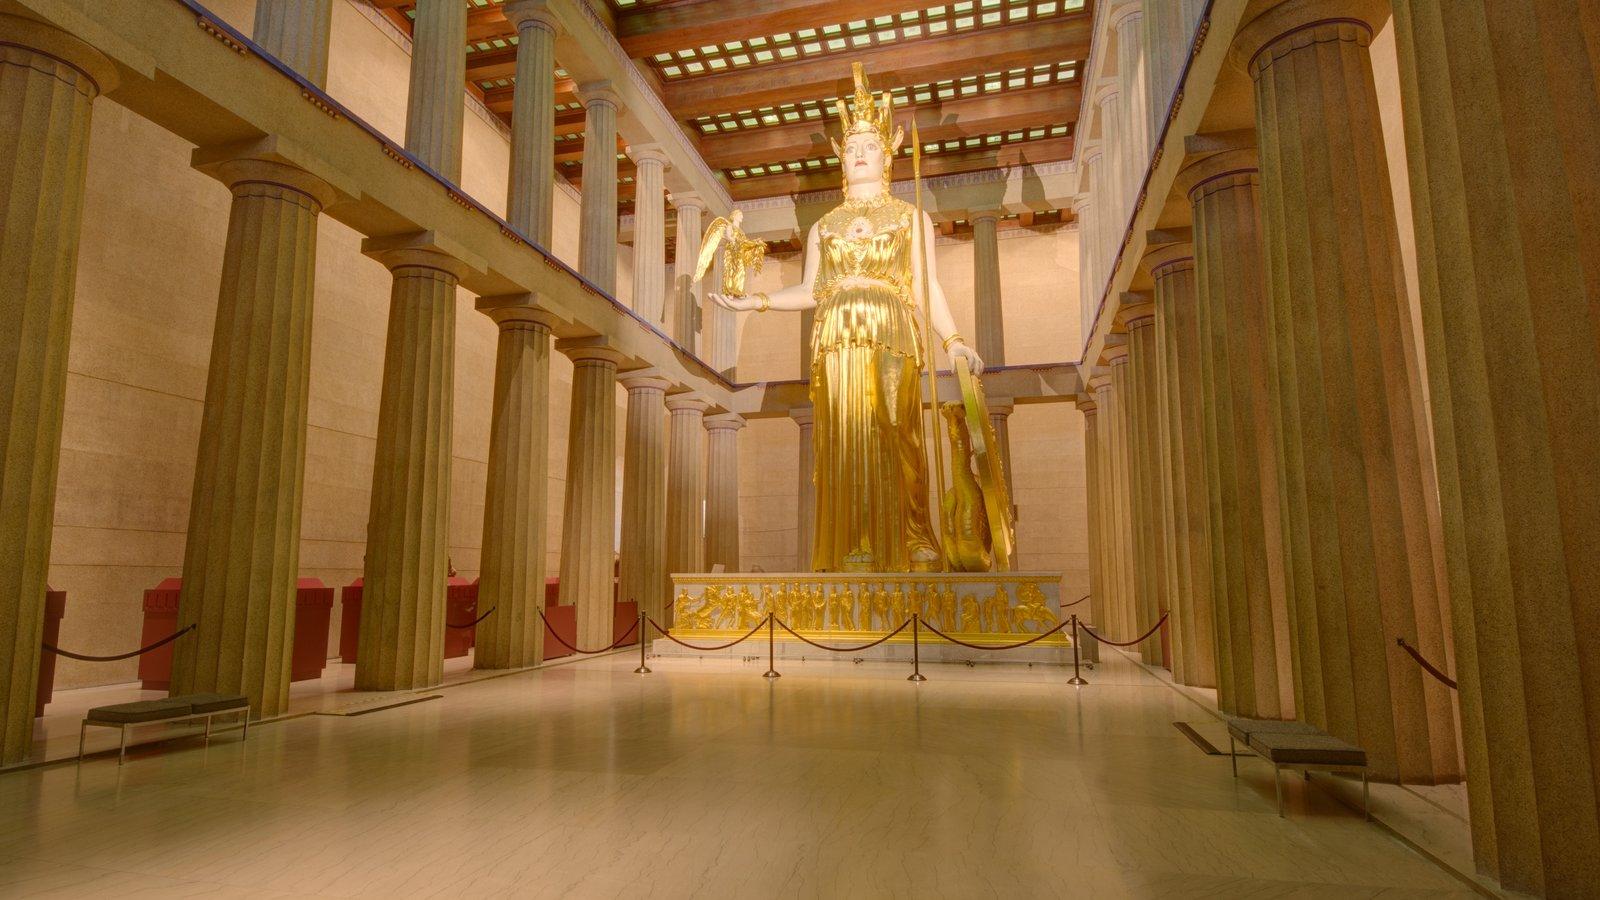 Parthenon mostrando vistas interiores, una estatua o escultura y un monumento